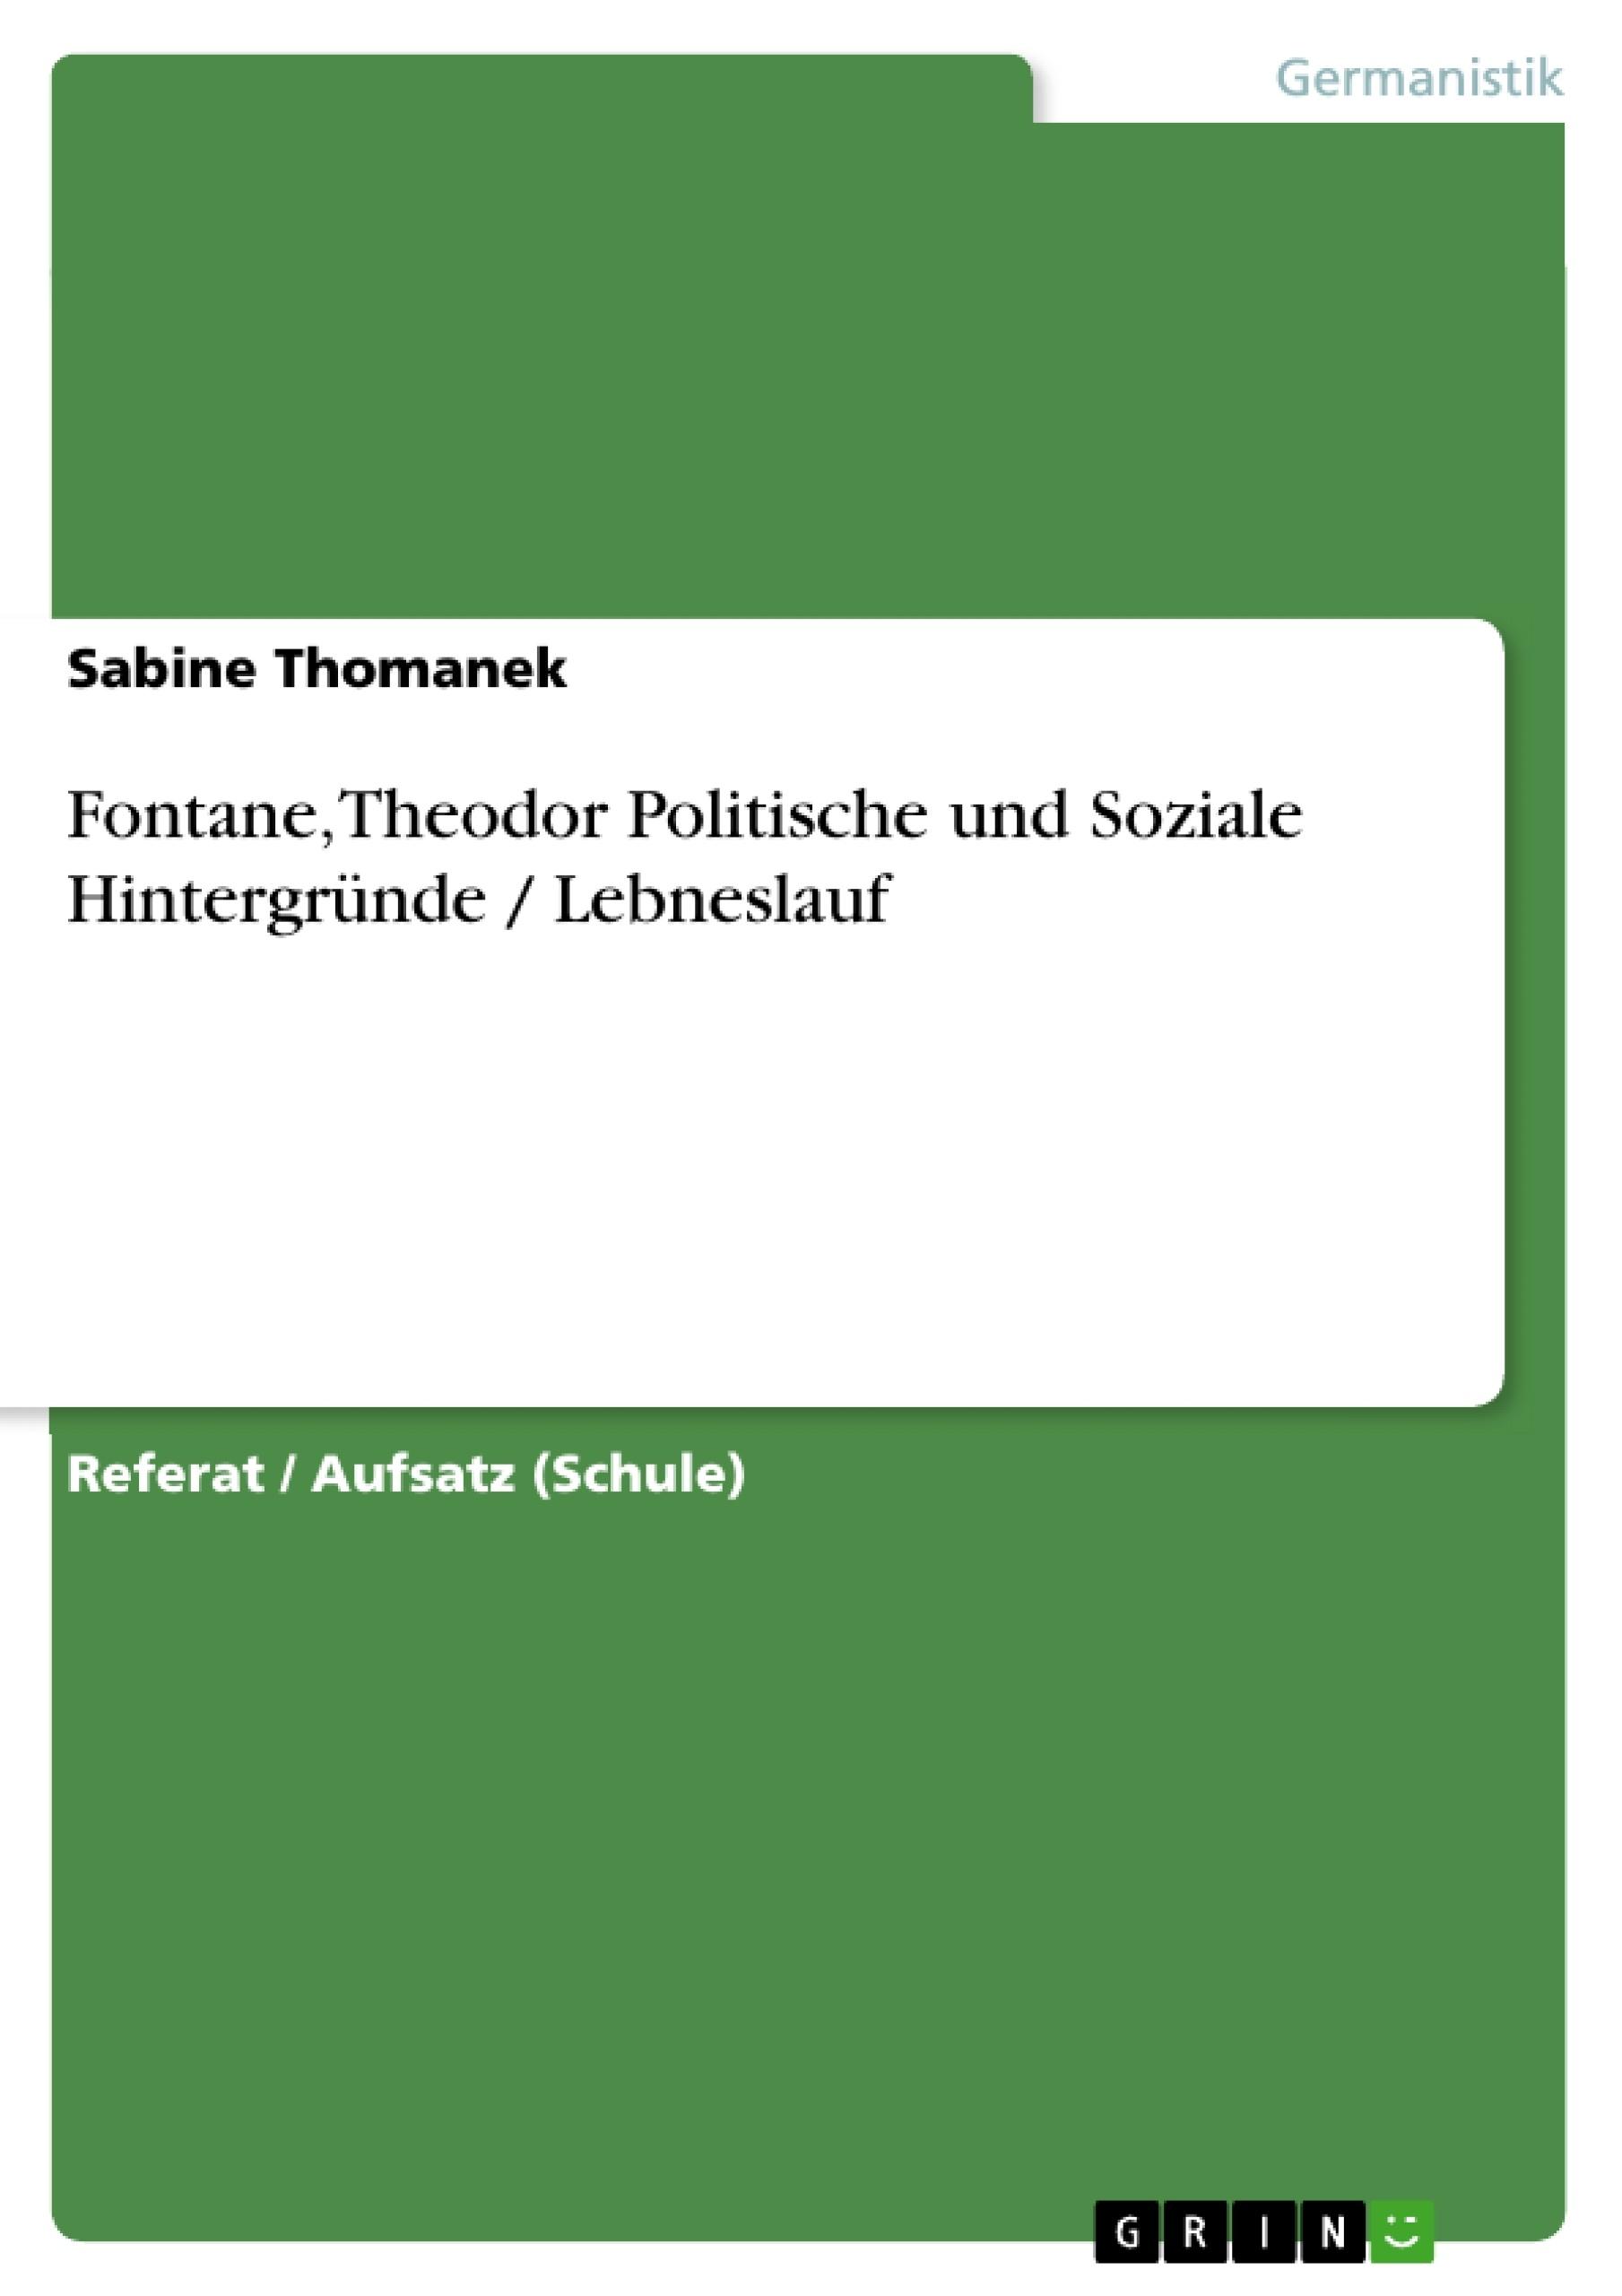 Titel: Fontane, Theodor Politische und Soziale Hintergründe / Lebneslauf